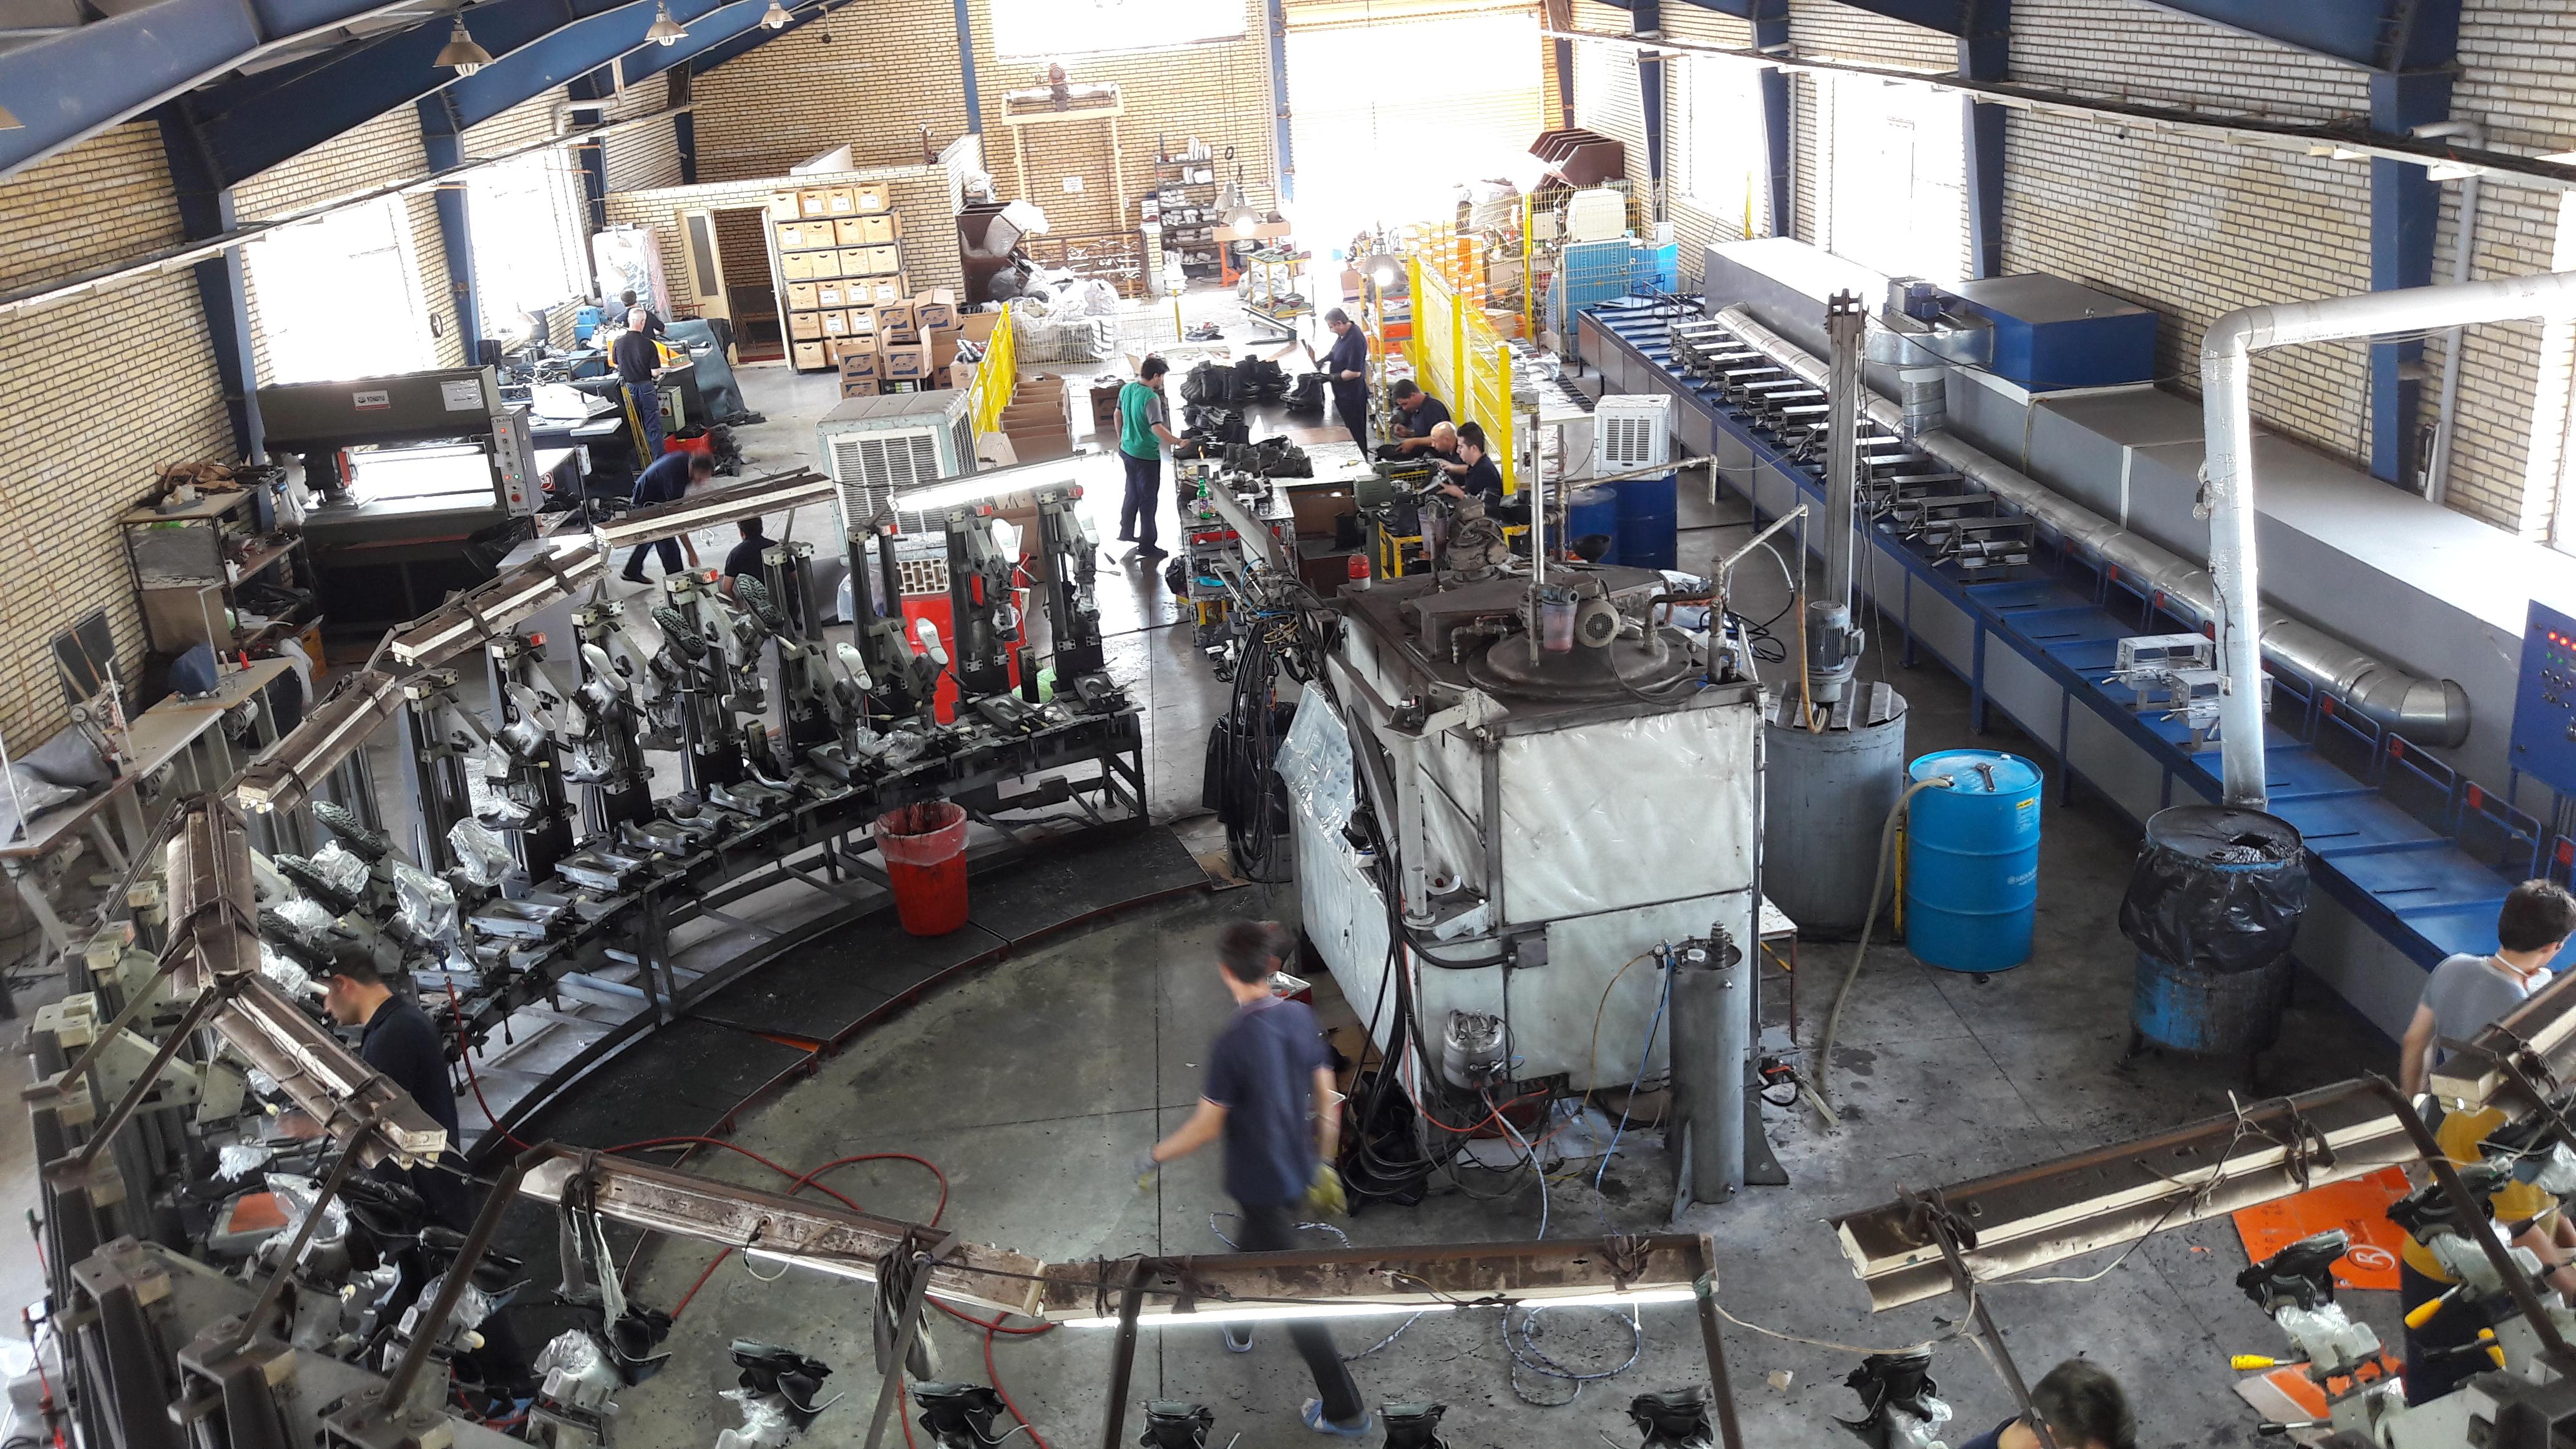 عکس هایی از محیط کارخانه